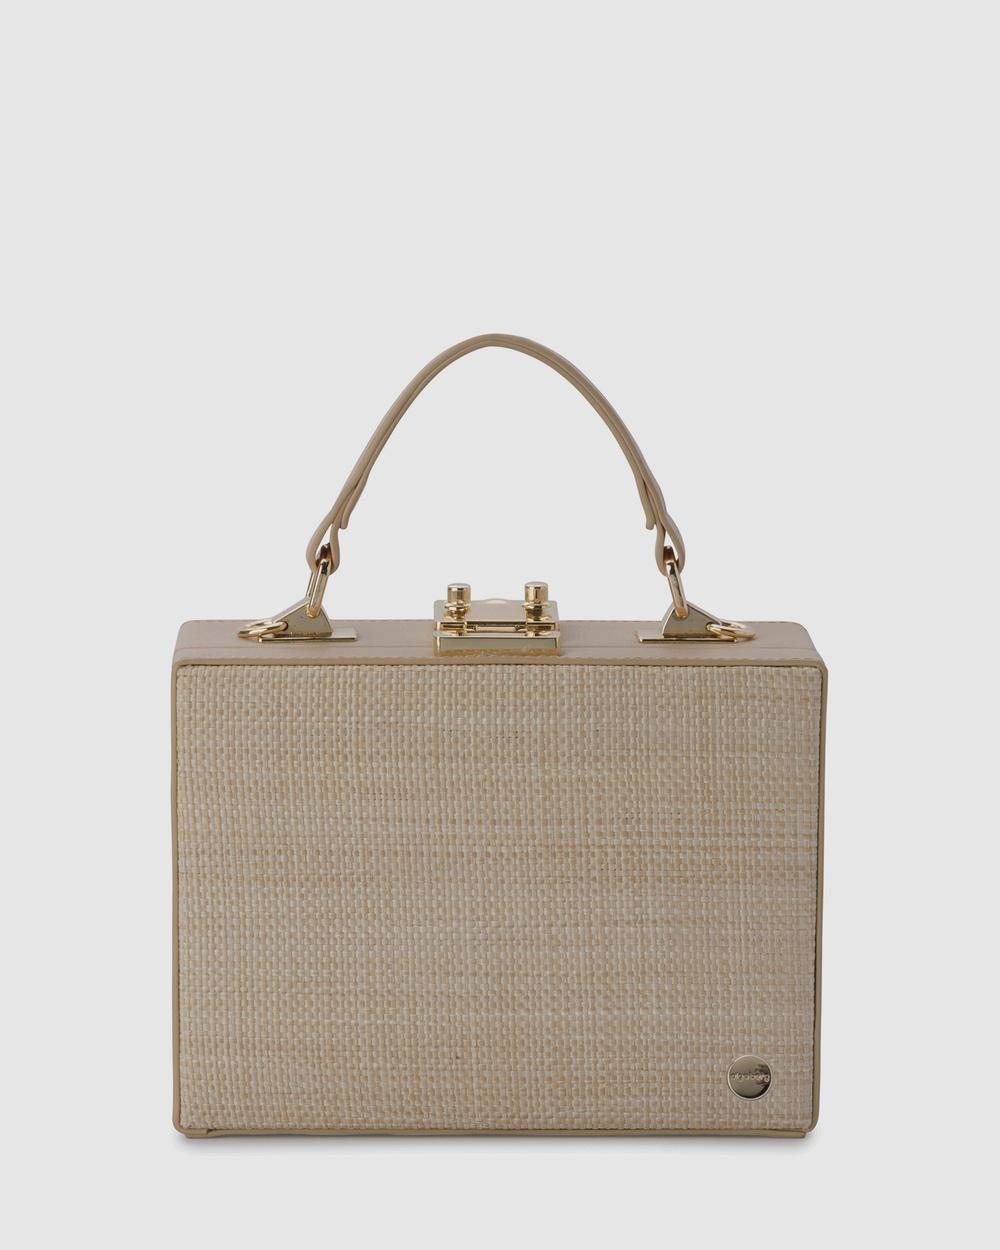 Olga Berg Georgia Straw Weave Top Handle Handbags Natural